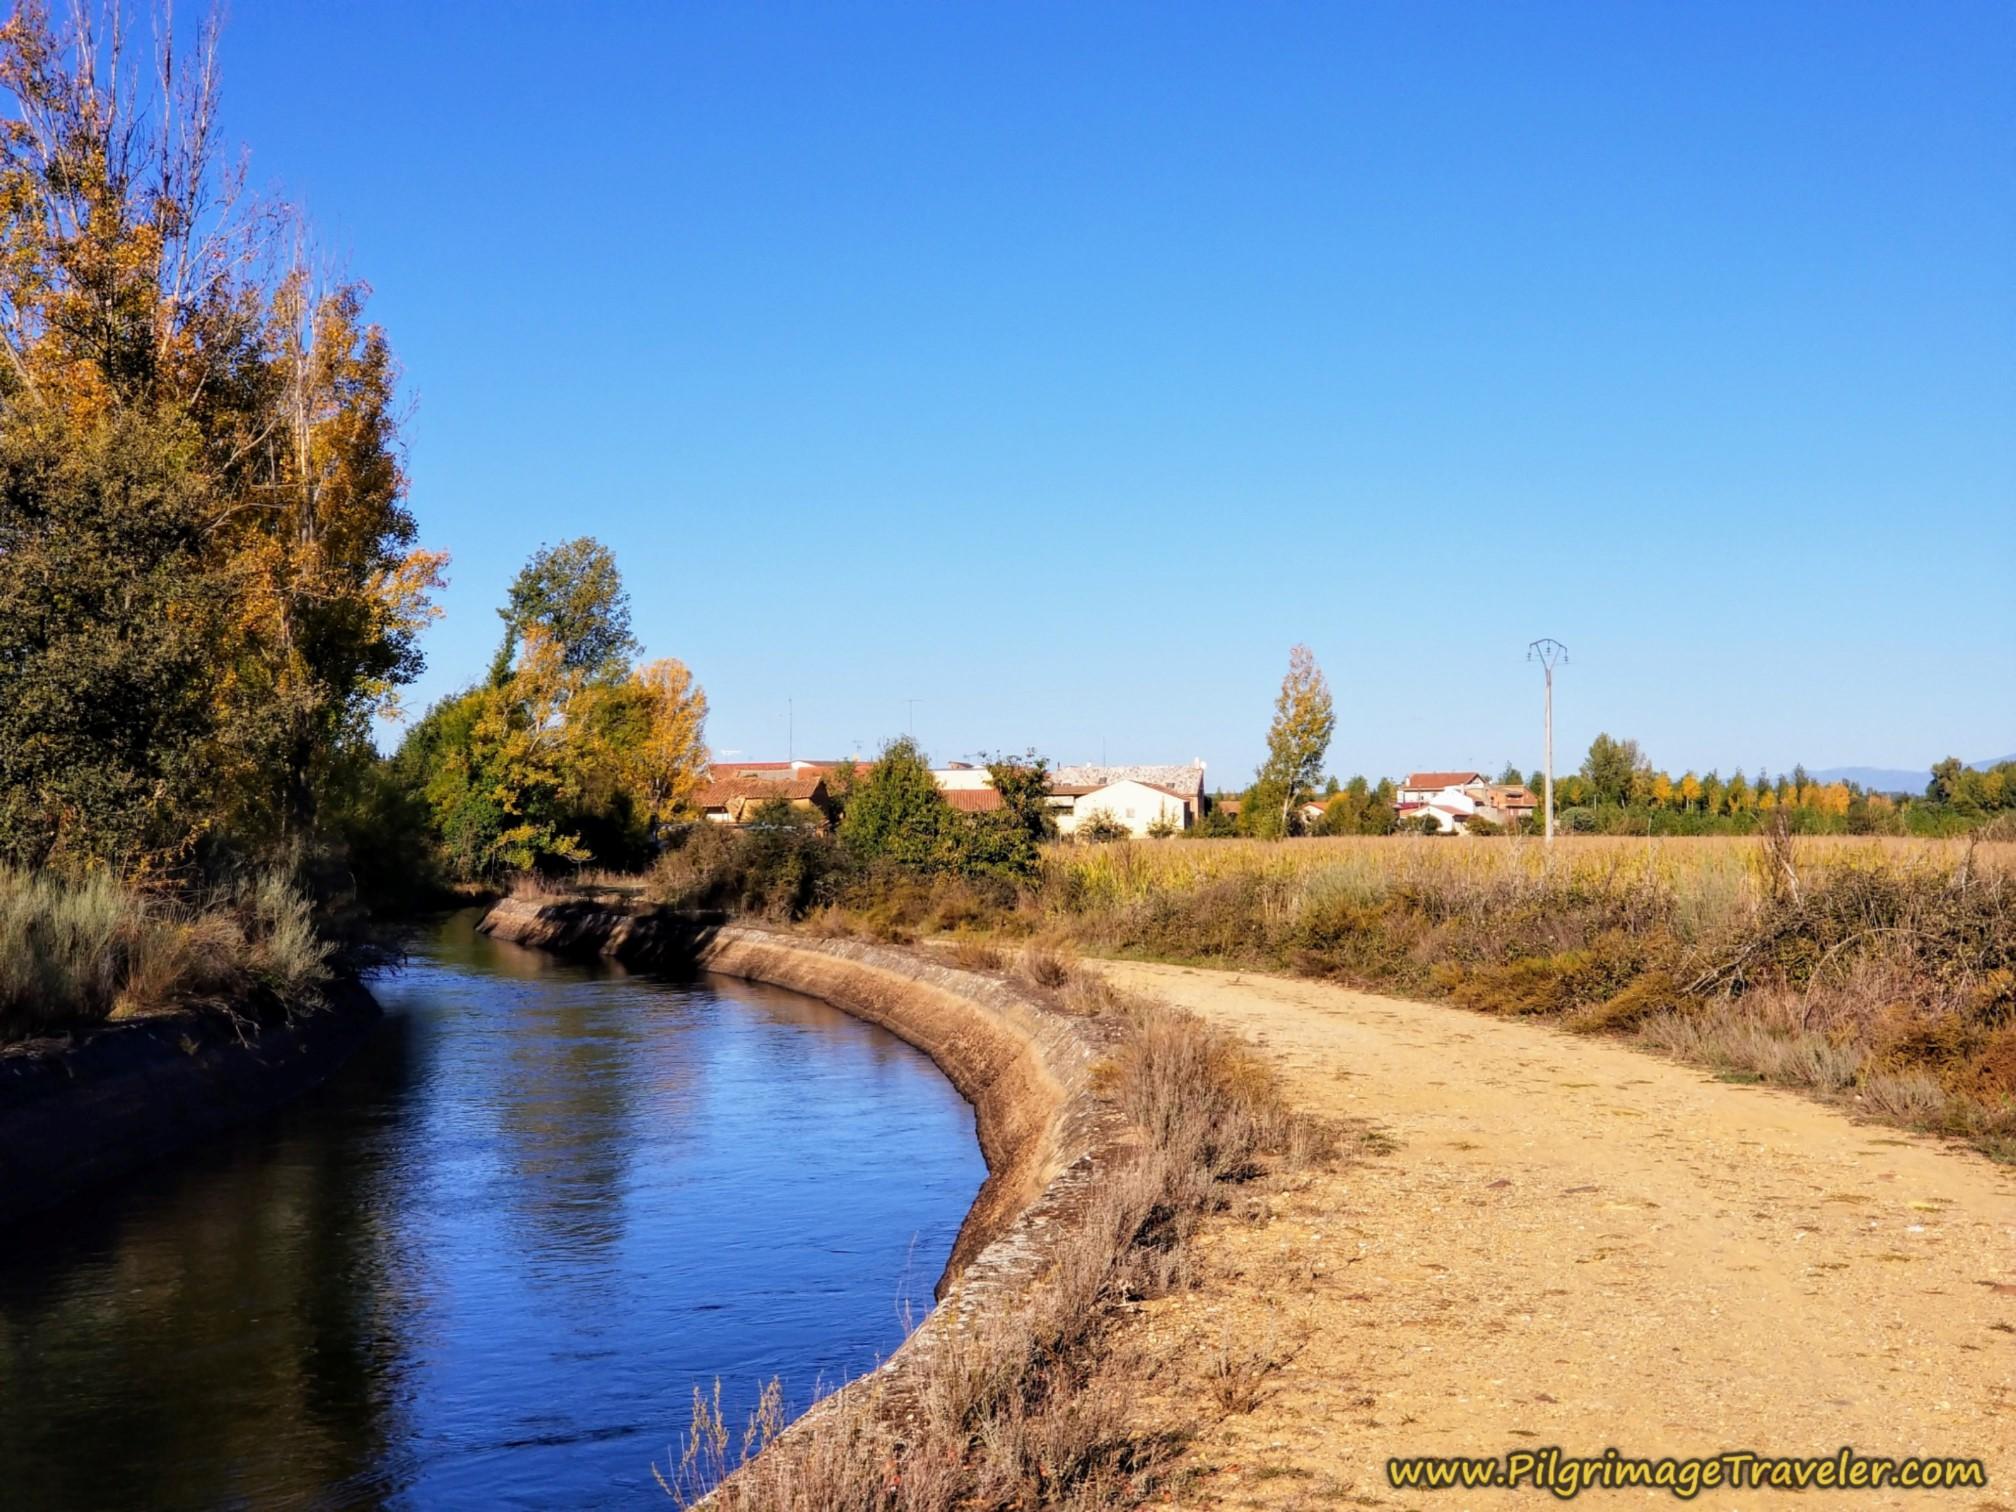 Next Town of Olleros de Tera in Sight on the Camino Sanabrés from Santa Marta de Tera to Rionegro del Puente